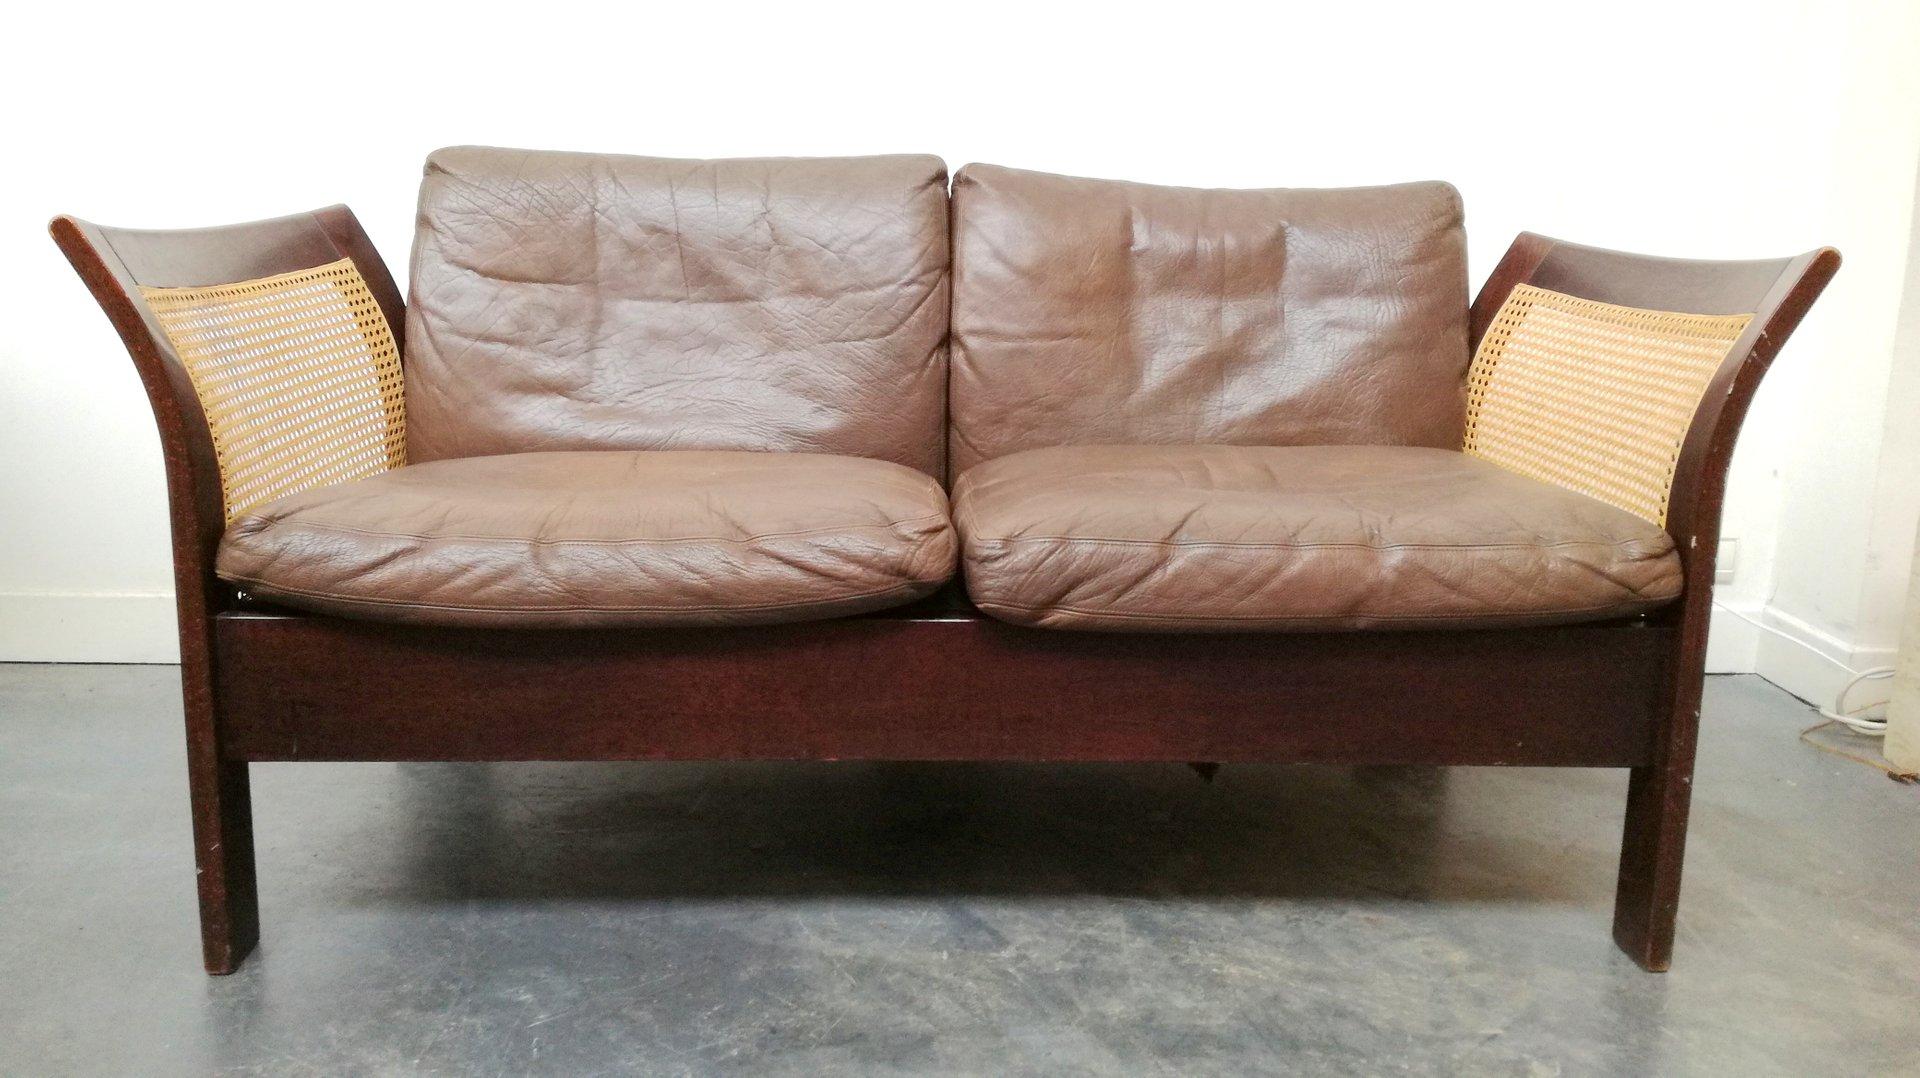 2-Sitzer Sofa von Vejen Polstermøbelfabrik, 1960er